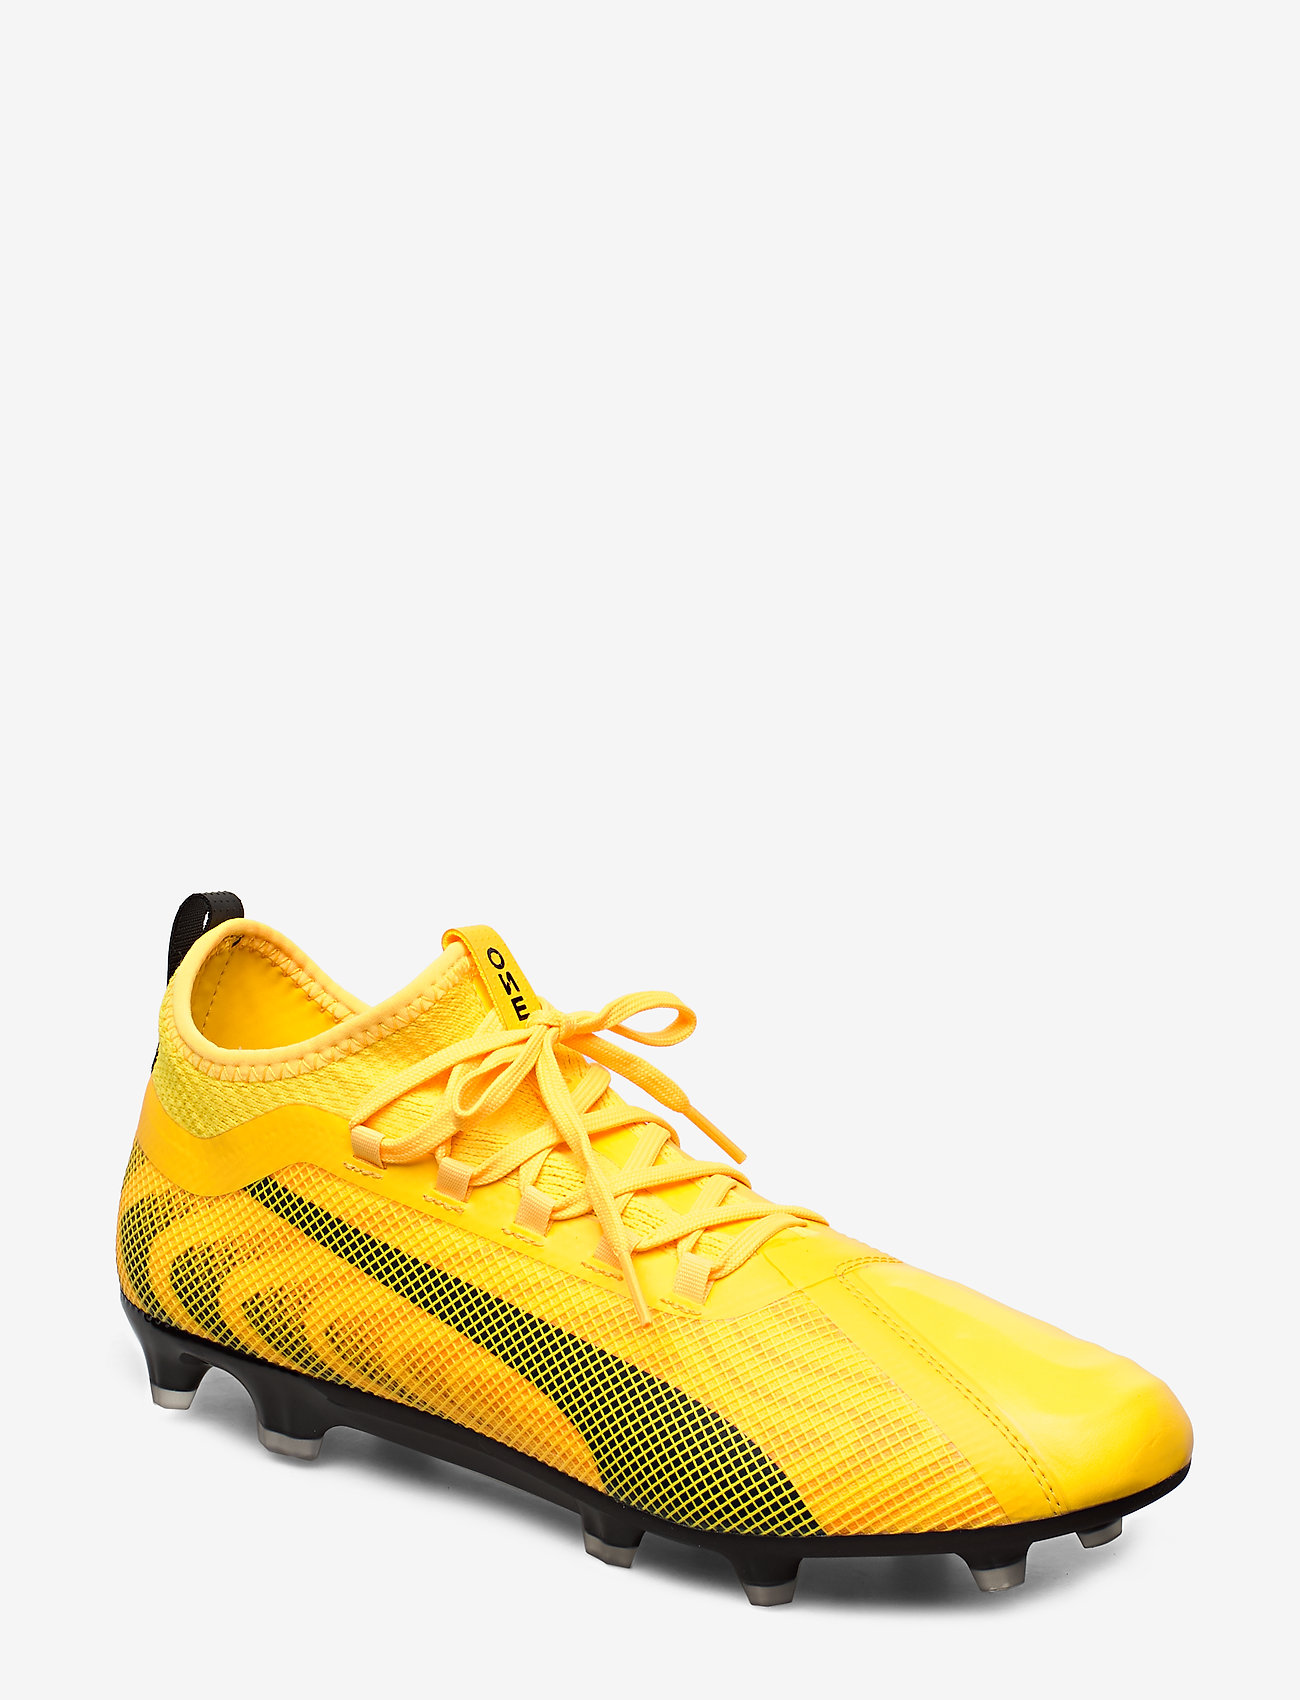 PUMA - PUMA ONE 20.2 FG/AG - fodboldsko - ultra yellow-puma black-orange aler - 0